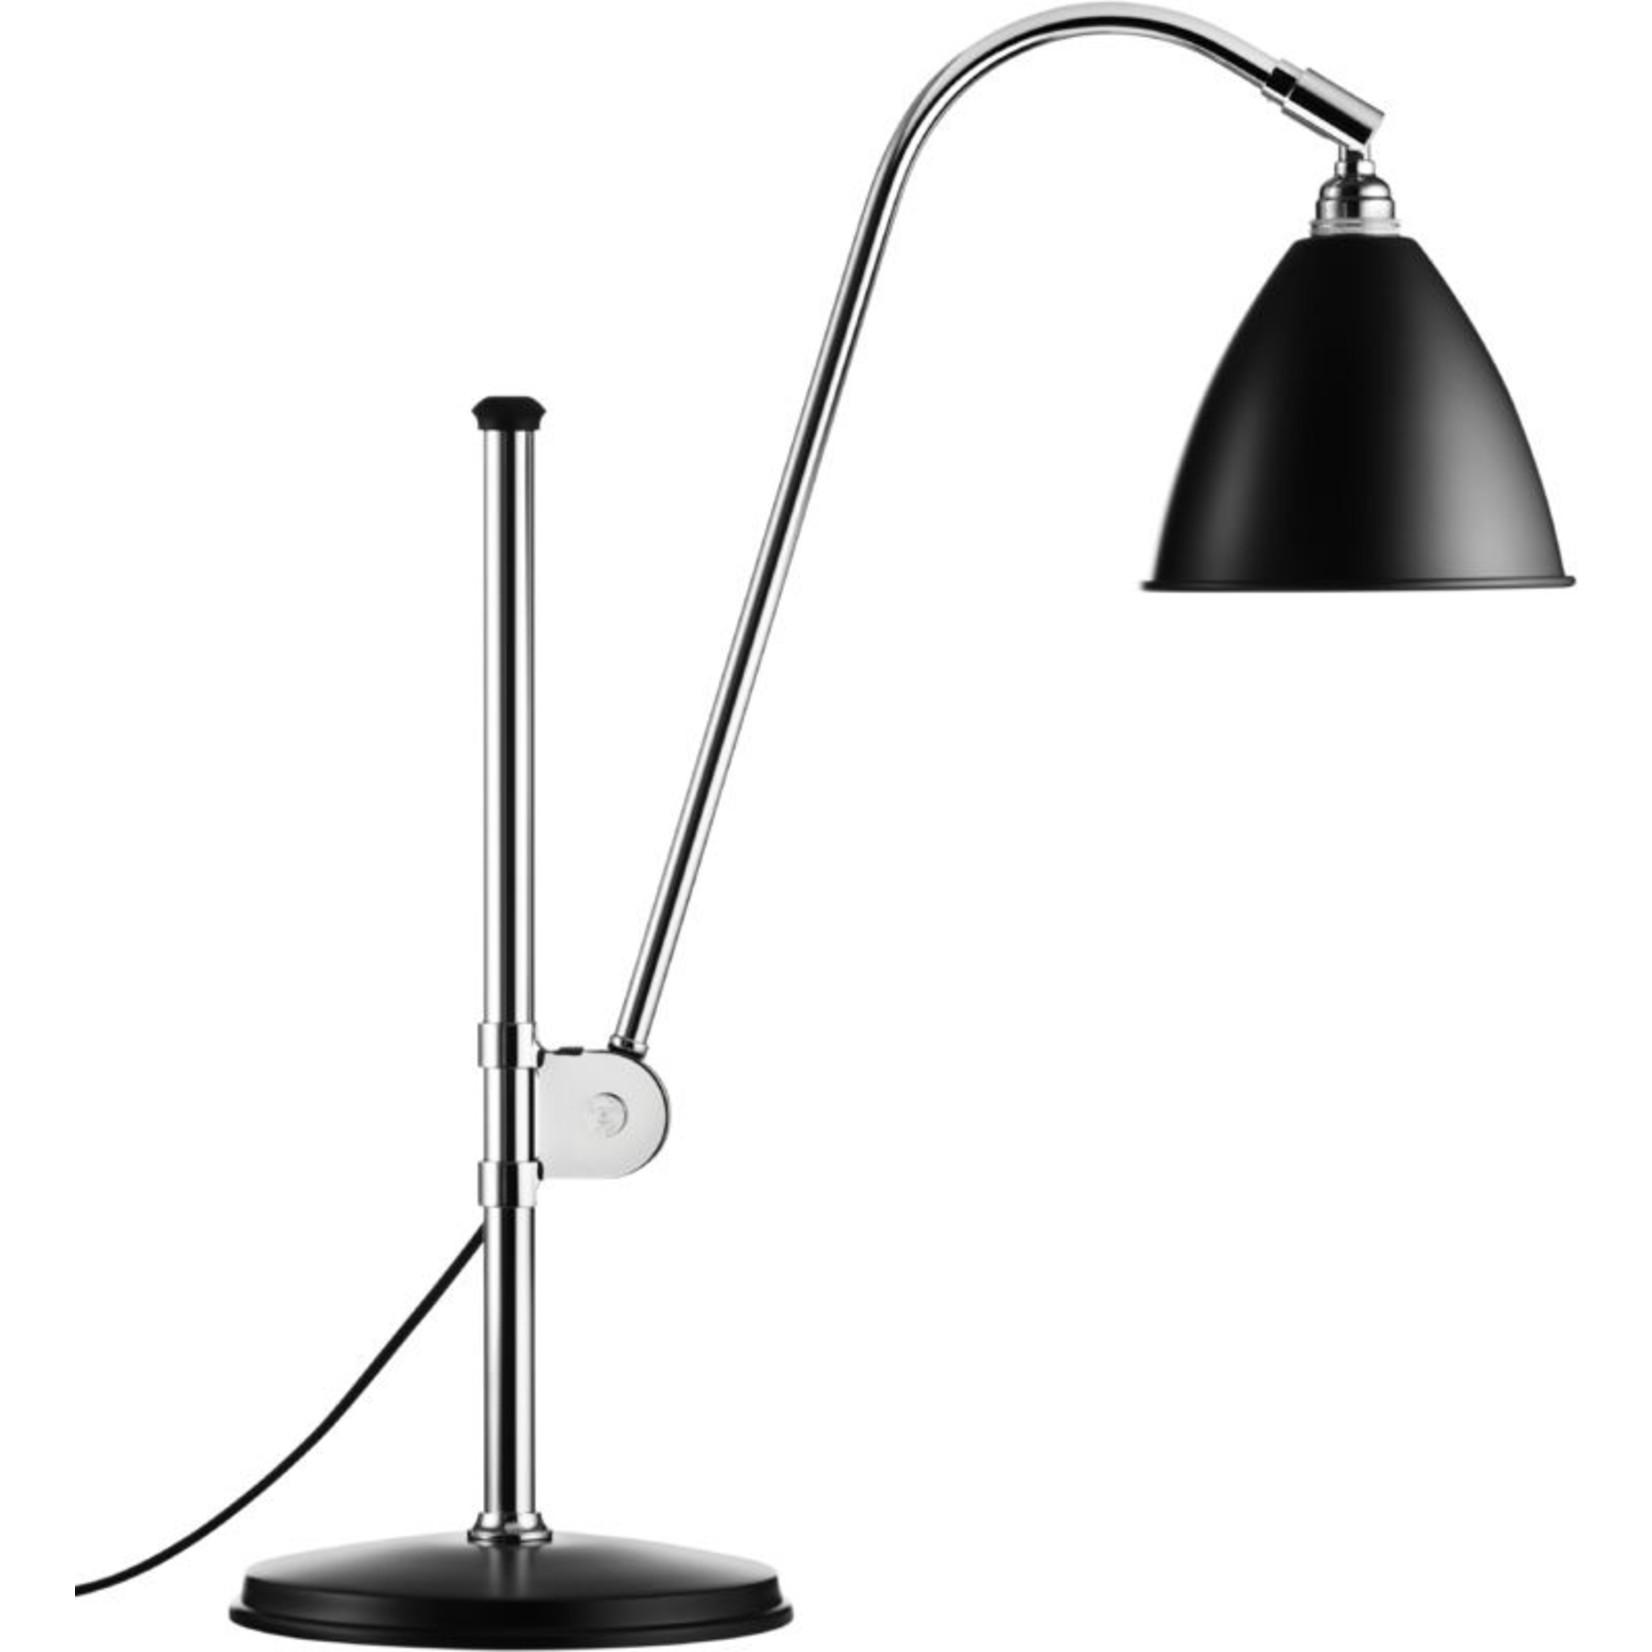 Gubi Lampe de table BL1 - Ø16 | Base chromée et abat-jour noir semi-mat